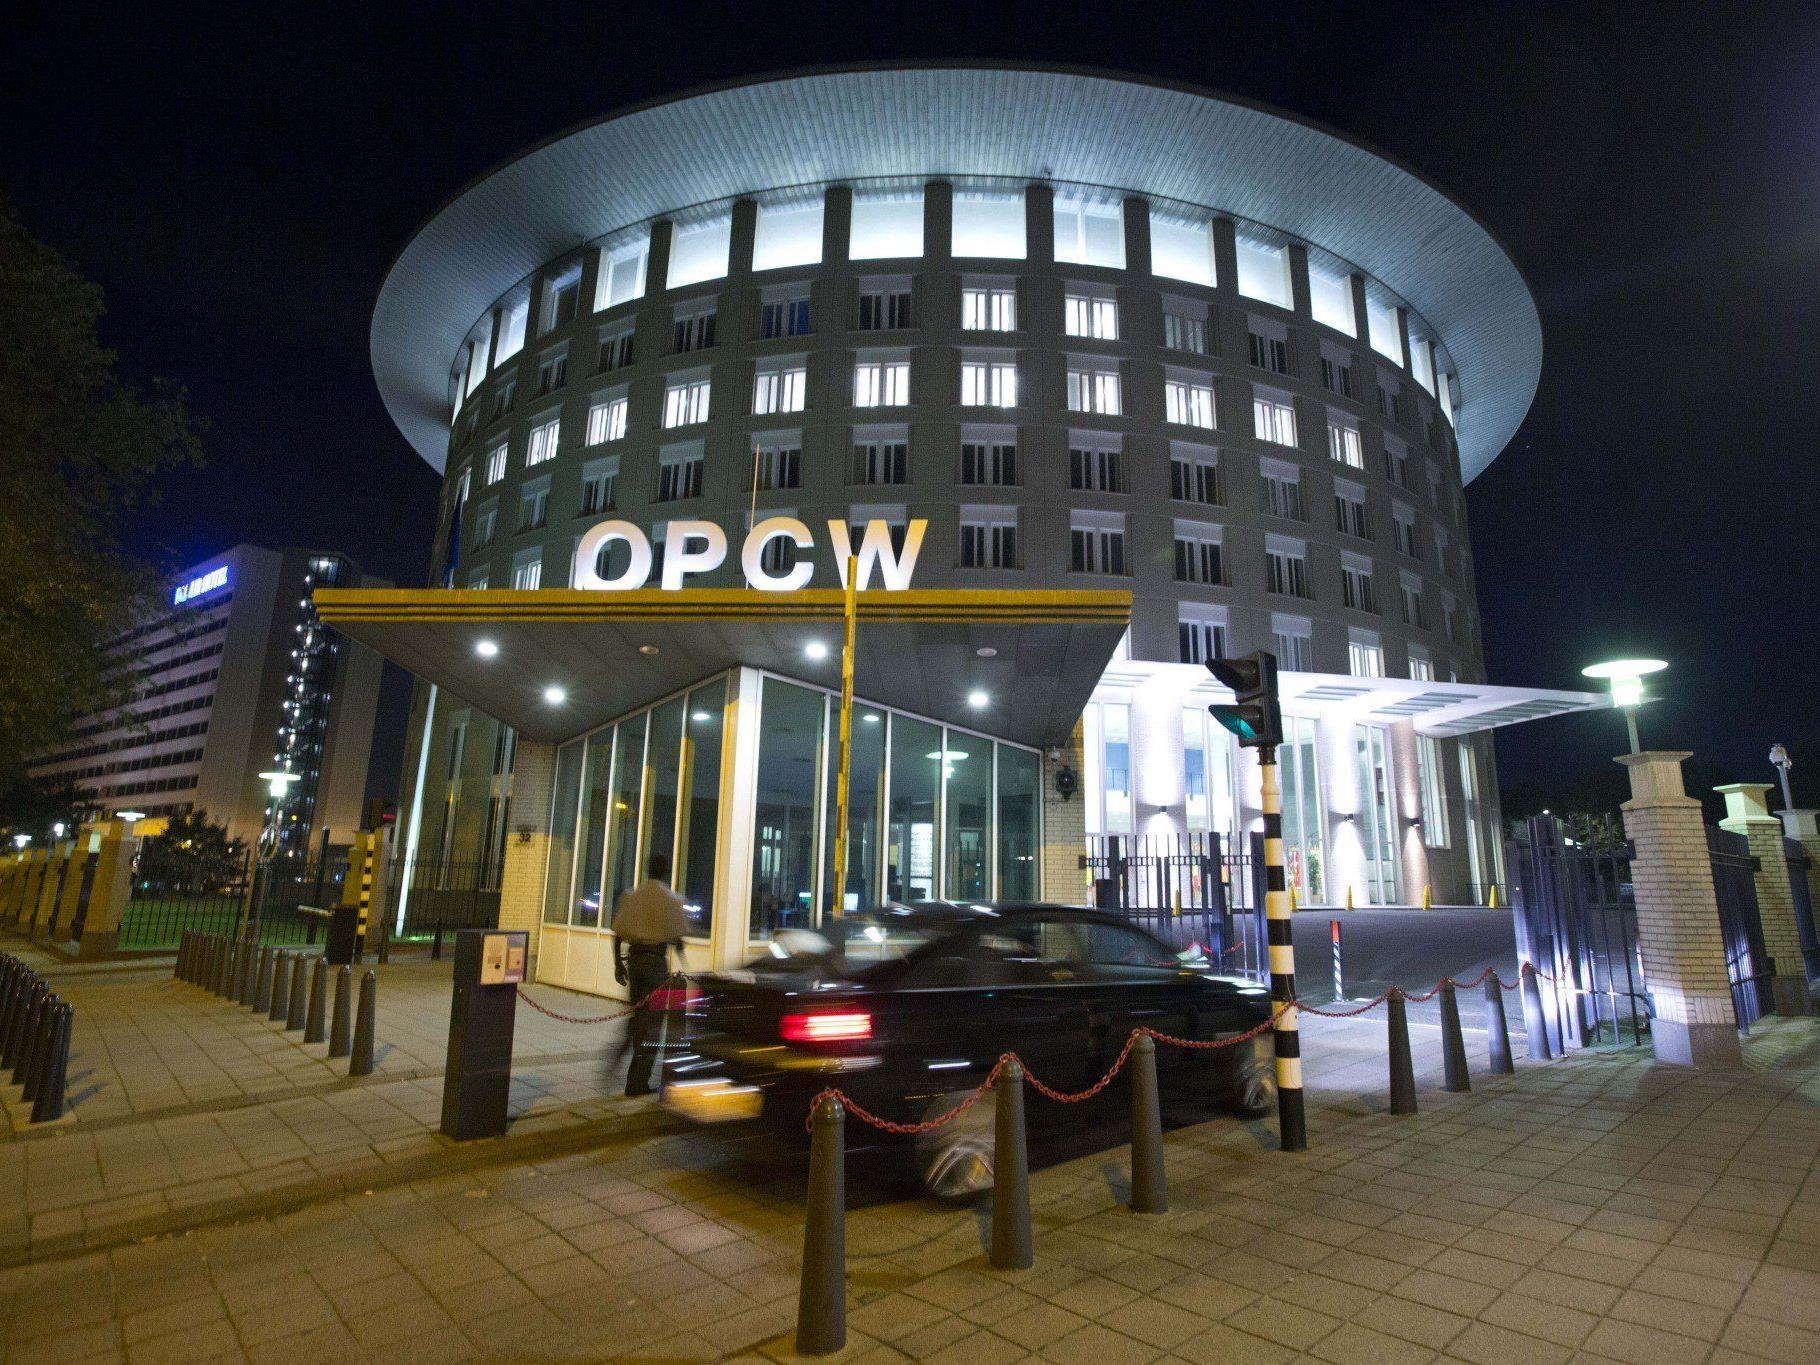 OPCW: Seit 1997 mehr als 5.000 Inspektionen in 86 Ländern - Derzeit Einsatz in Syrien